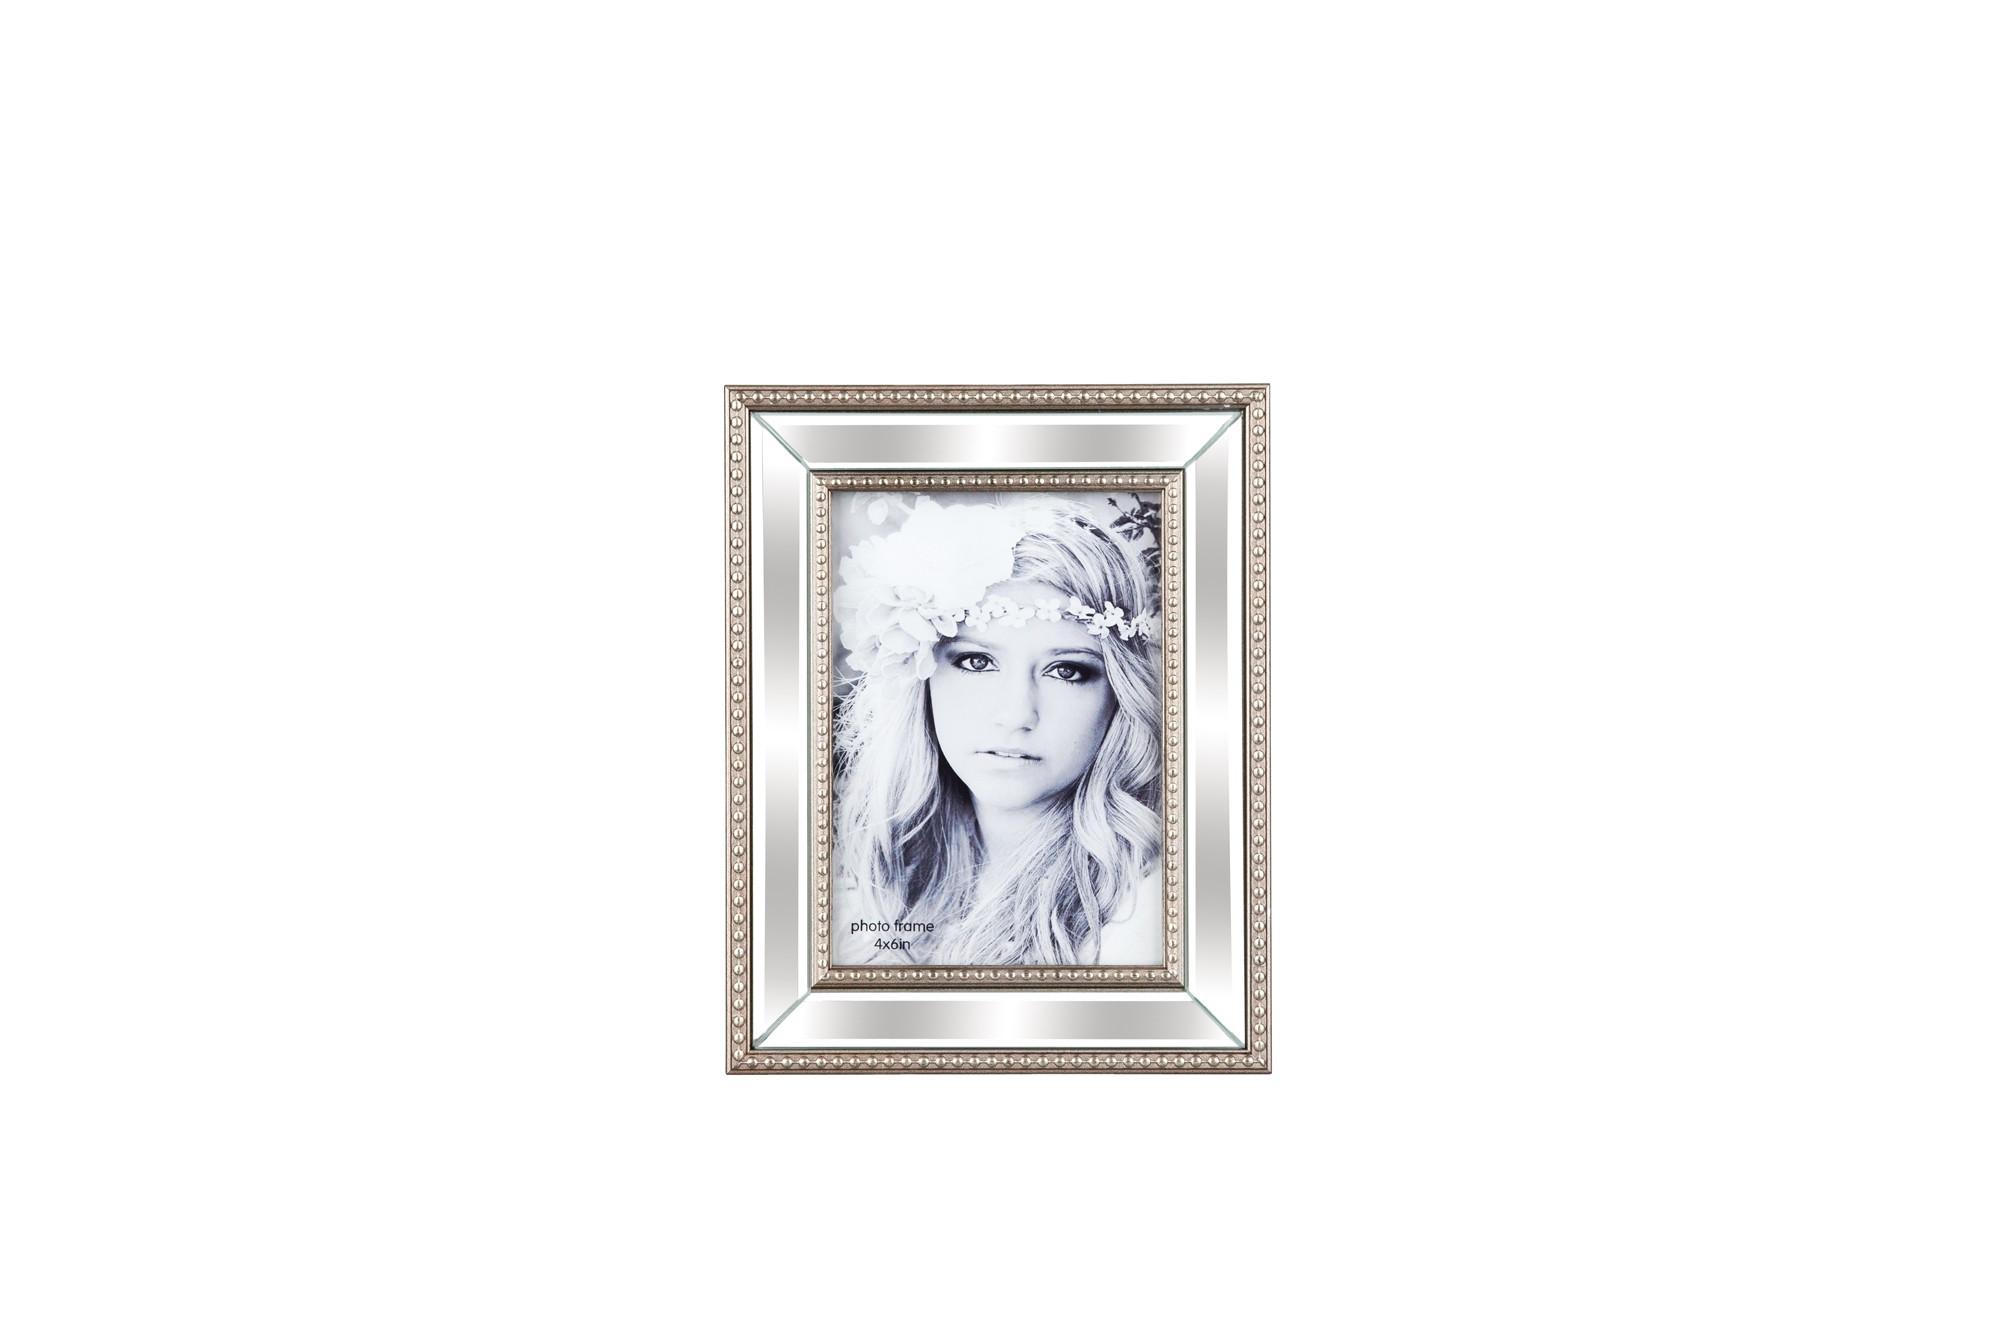 Κορνίζα Ξύλινη Με Καθρέπτη 10X15 Trimar home   κρυσταλλα  διακοσμηση   κορνίζες